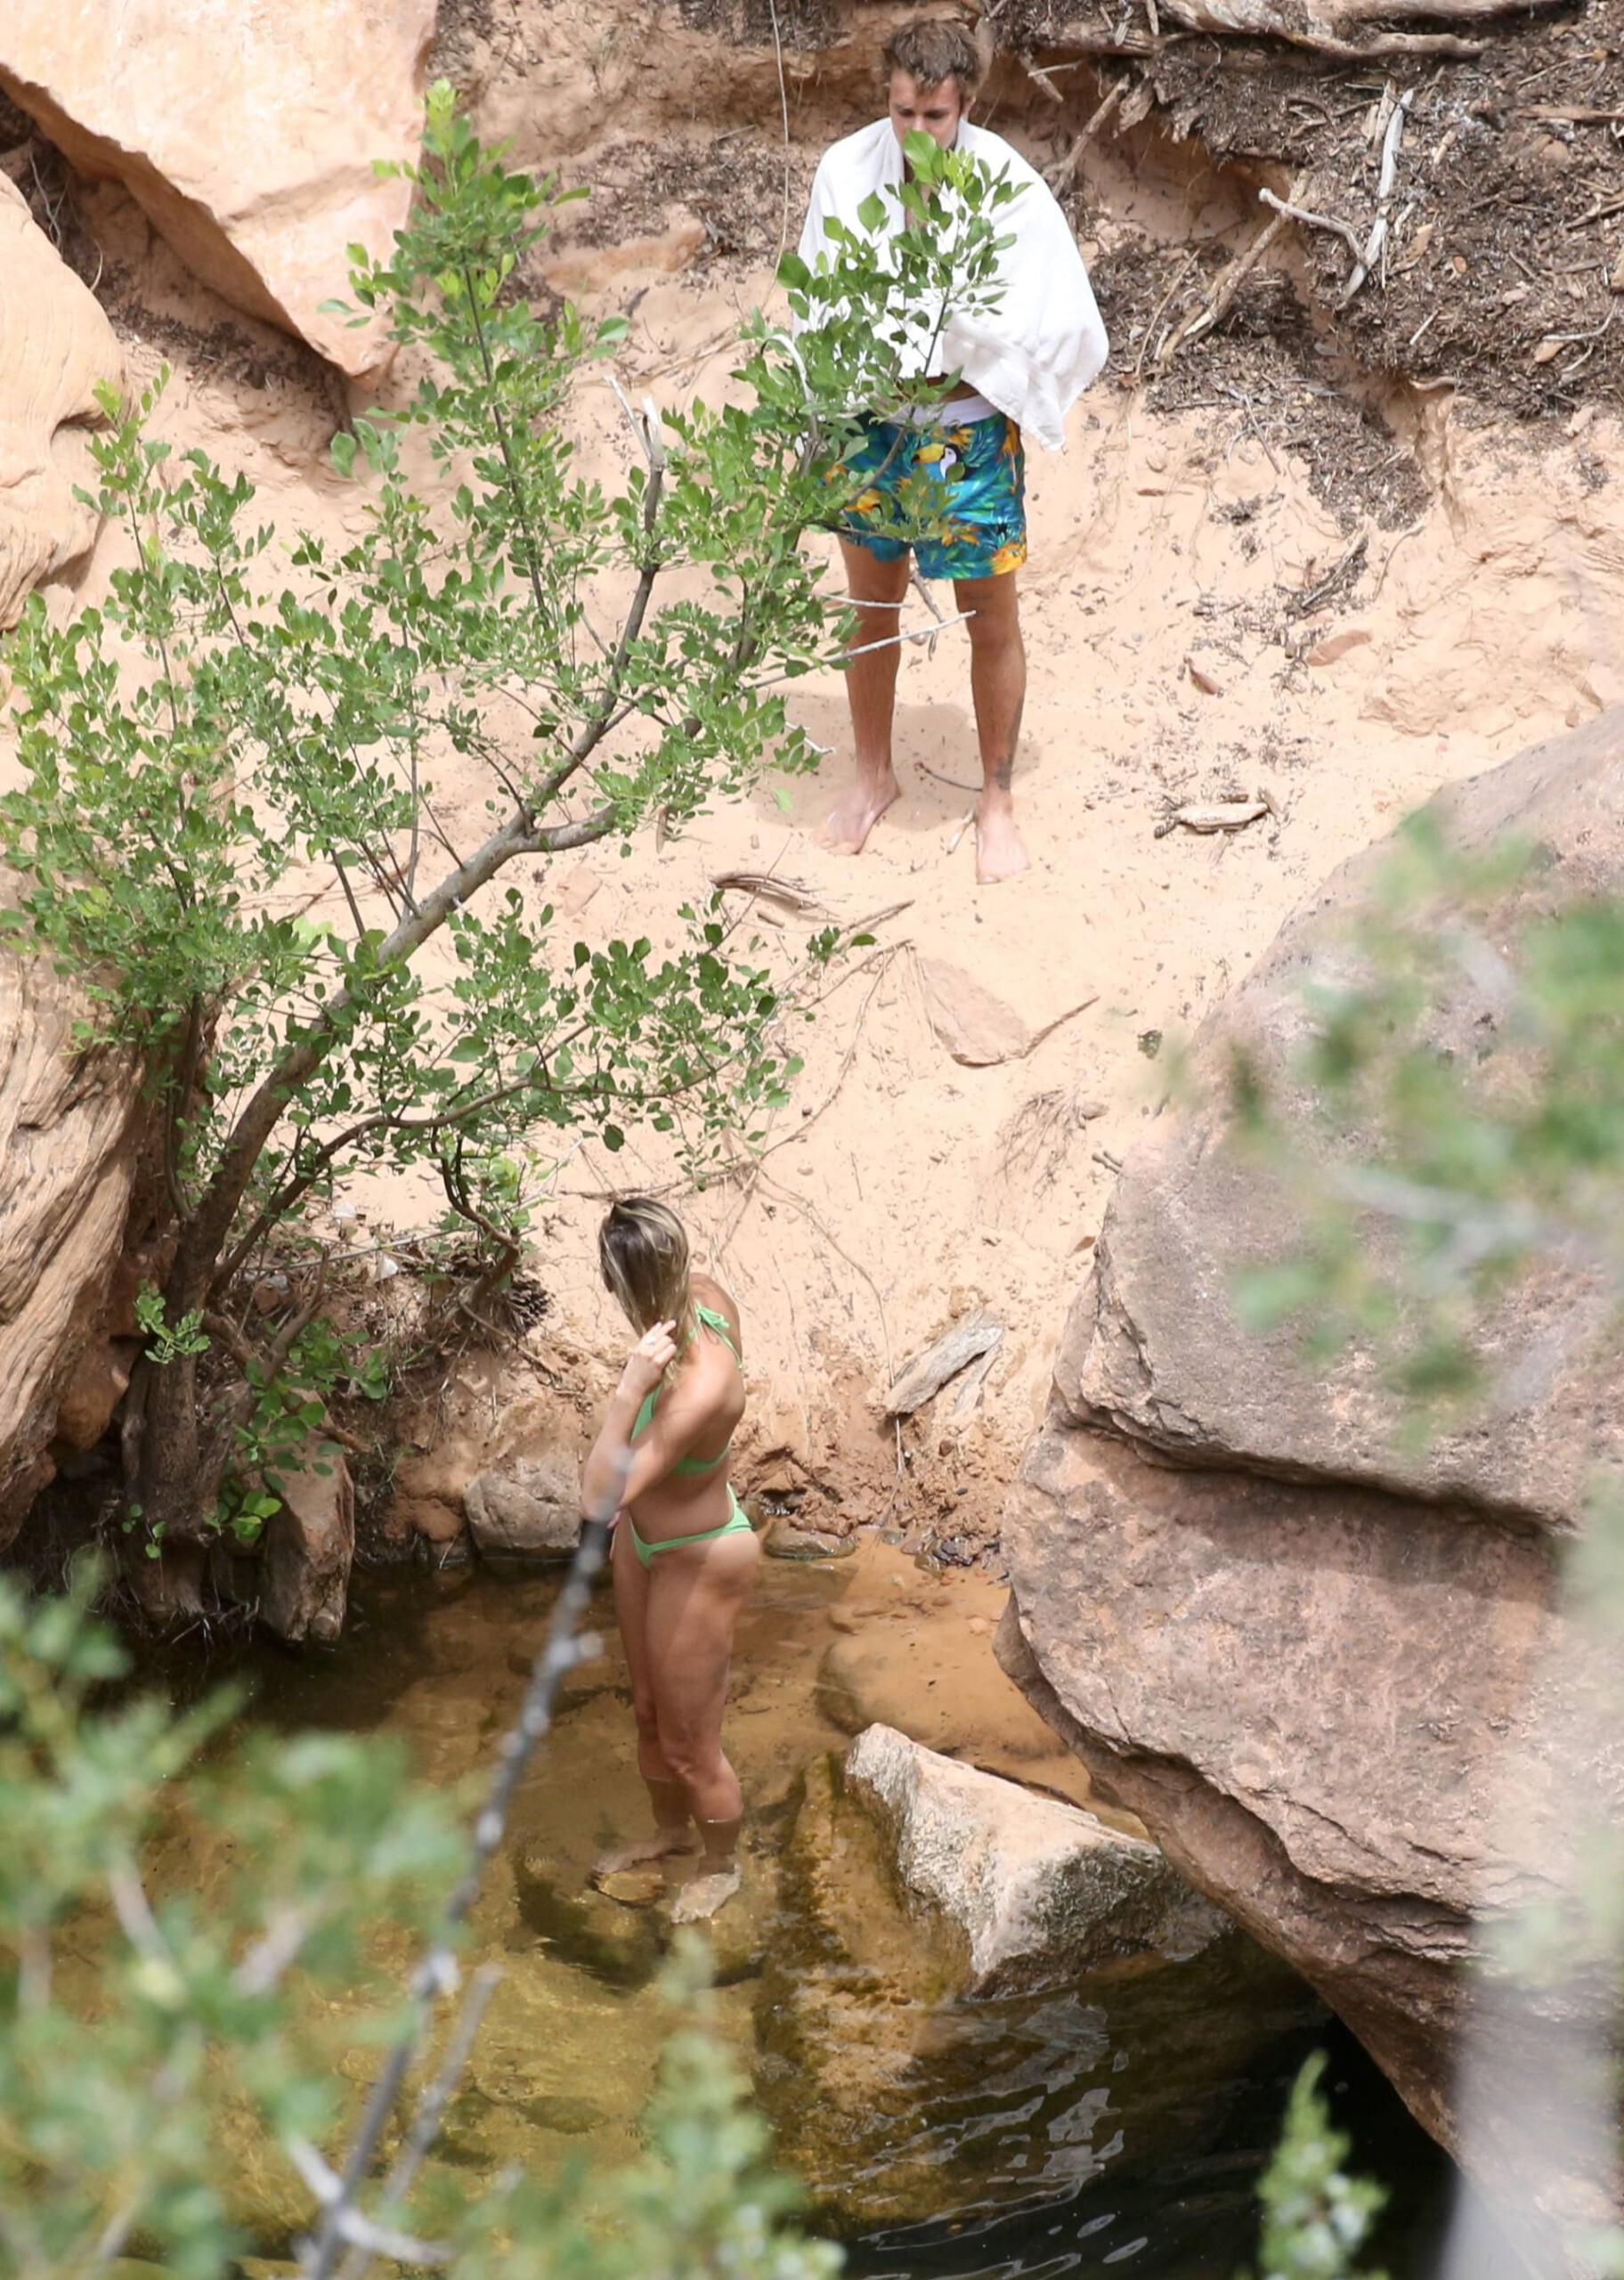 Hailey Bieber – Sexy Body In Green Bikini In Utah 0013